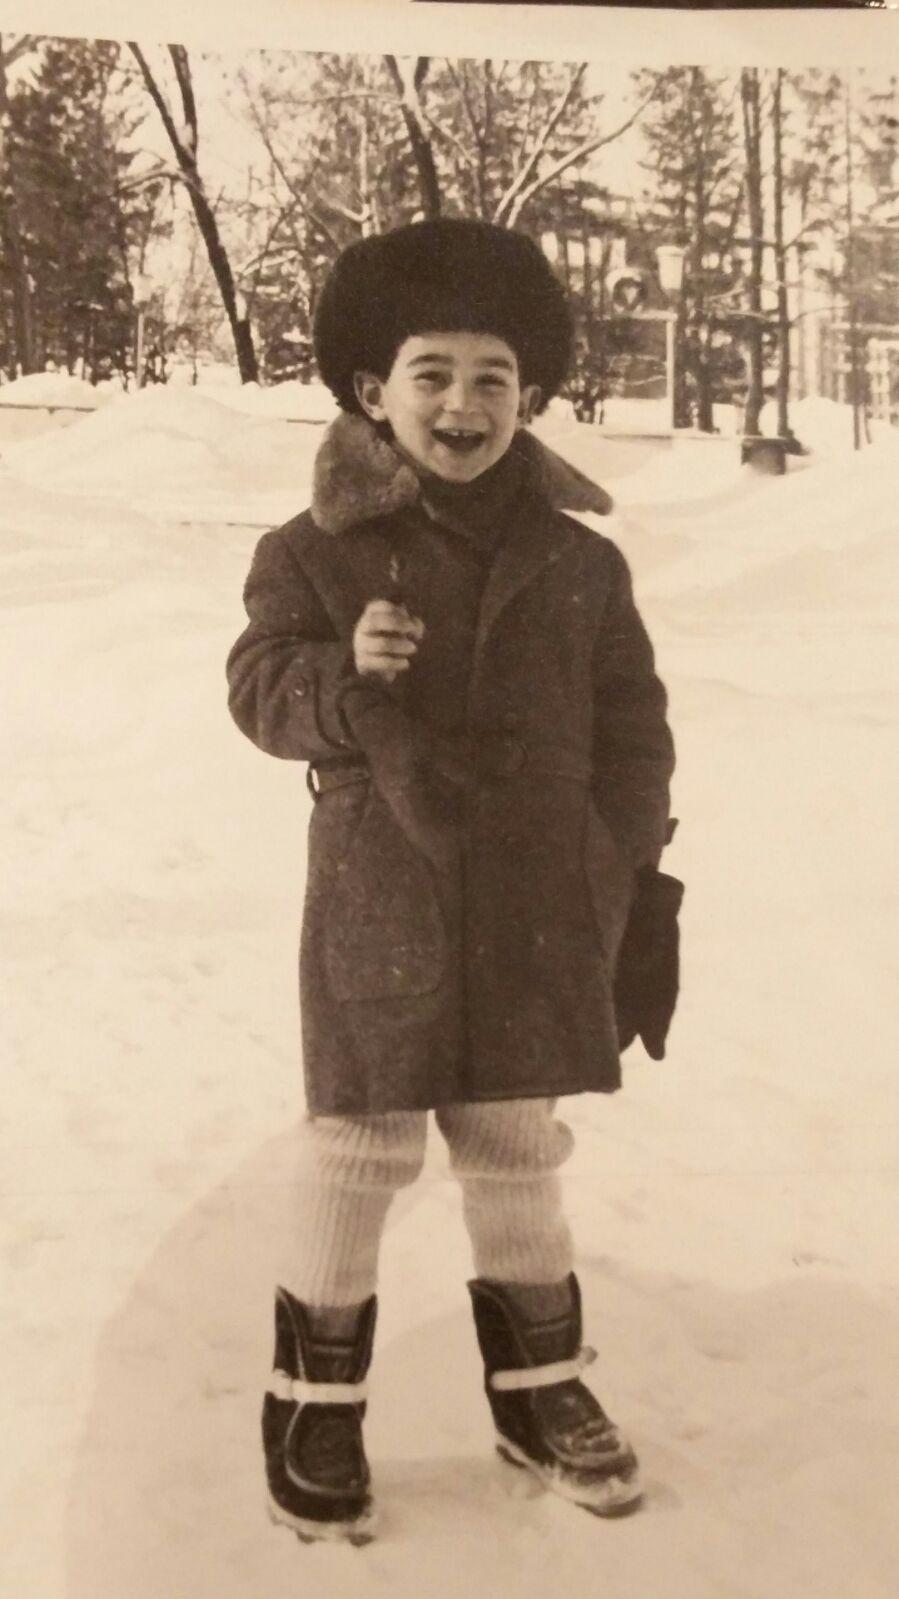 Beri Rozenberg, 1986-1988, לטביה, בריה_מ. אני בפארק העירוני